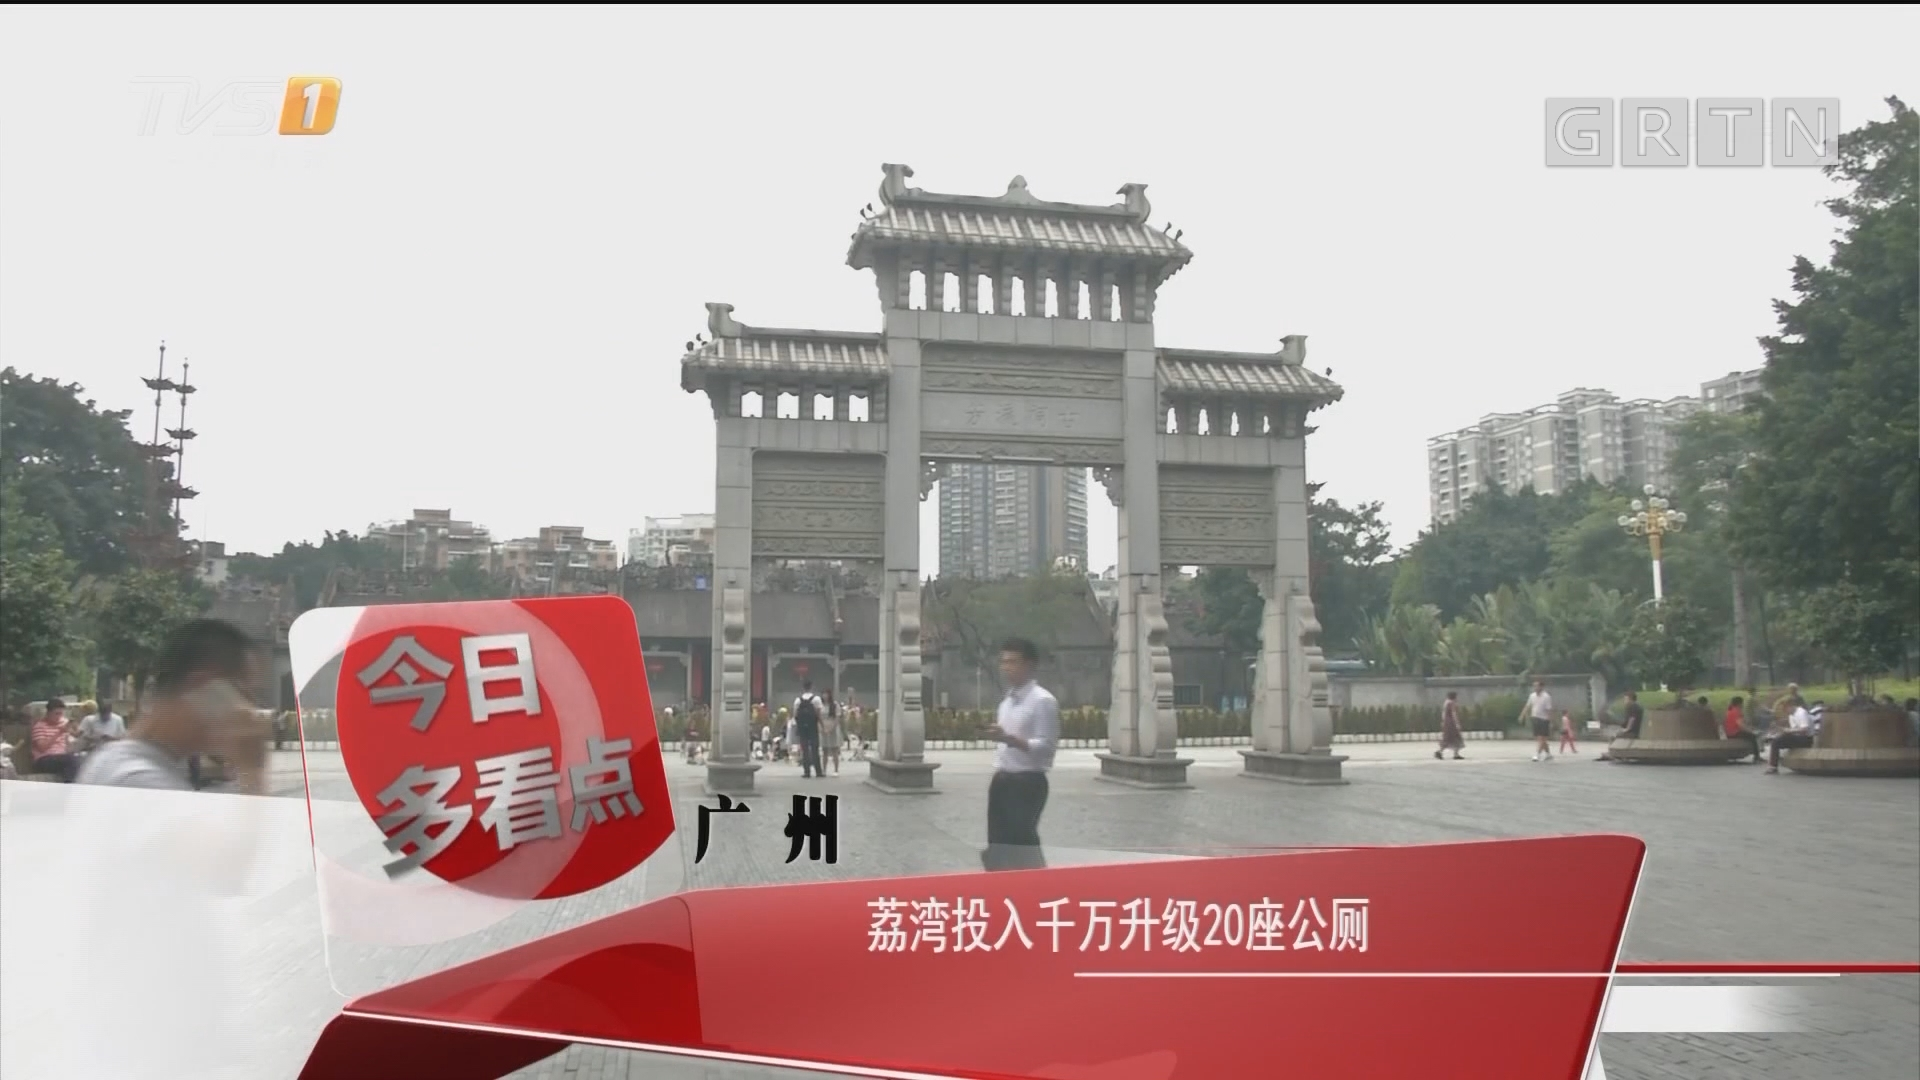 广州:荔湾投入千万升级20座公厕